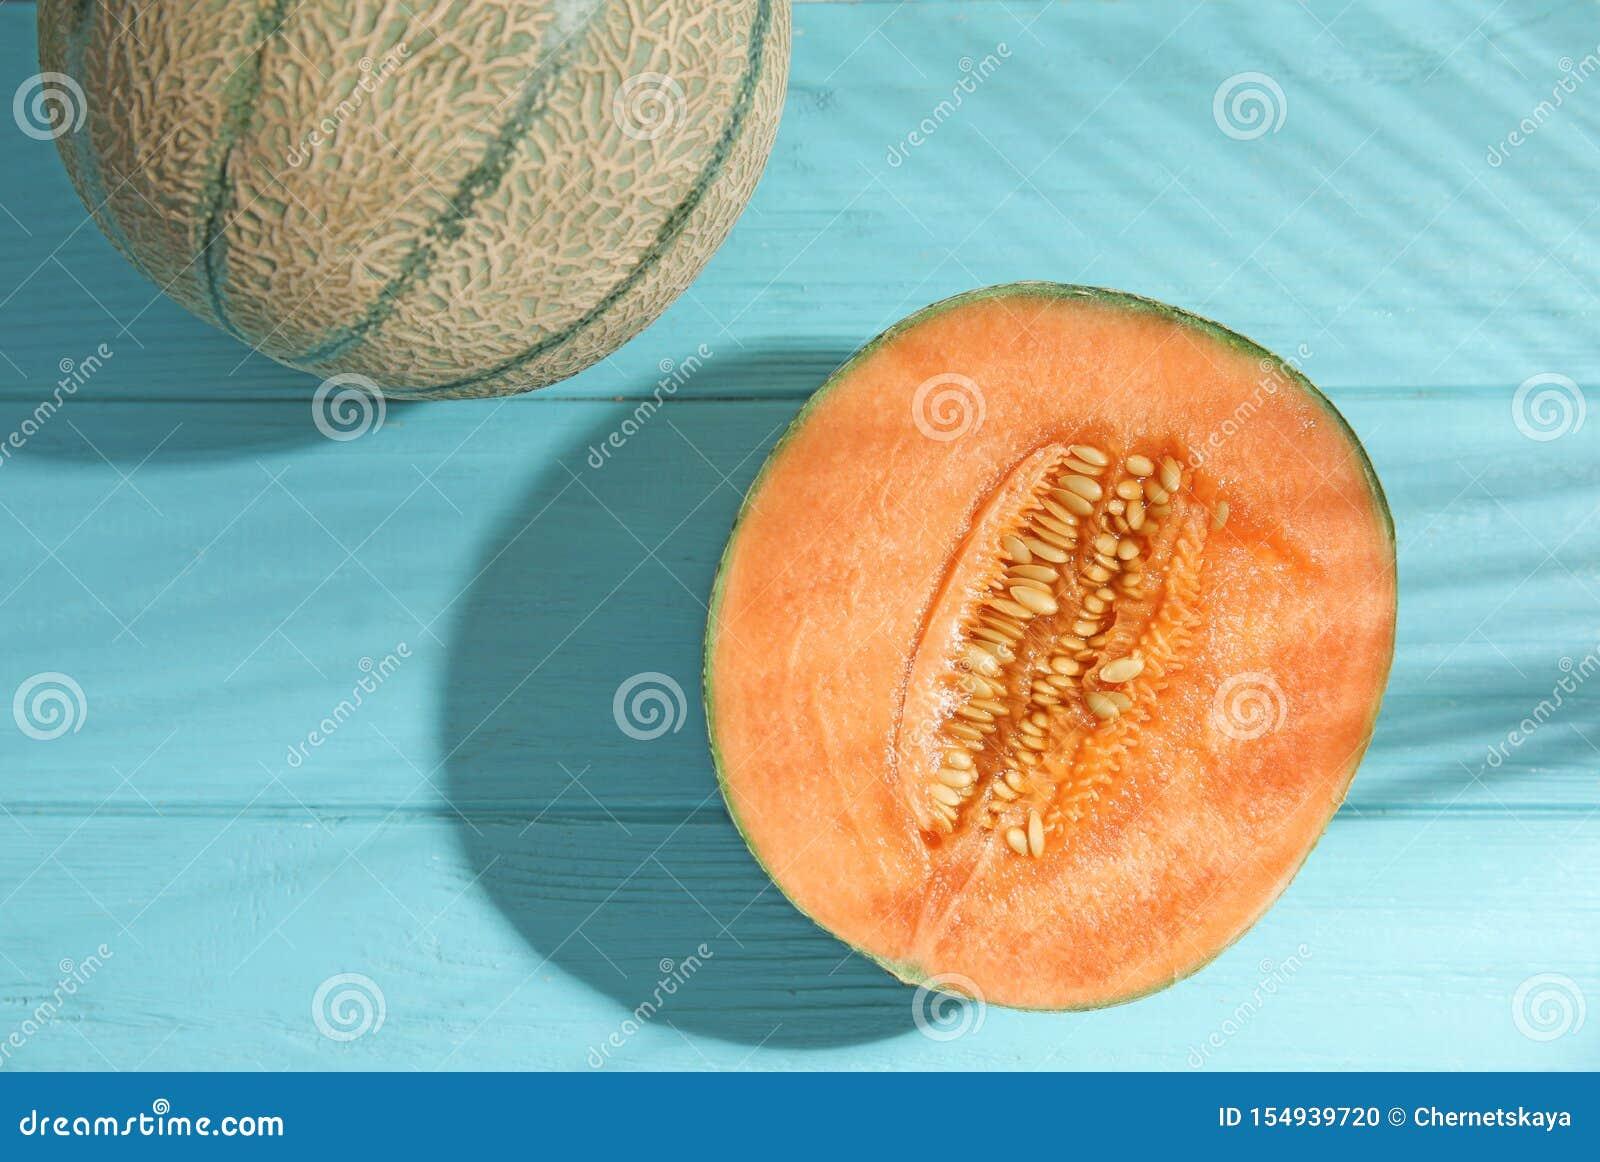 Melones maduros sabrosos del cantalupo y sombra de hoja de palma en la tabla de madera azul clara